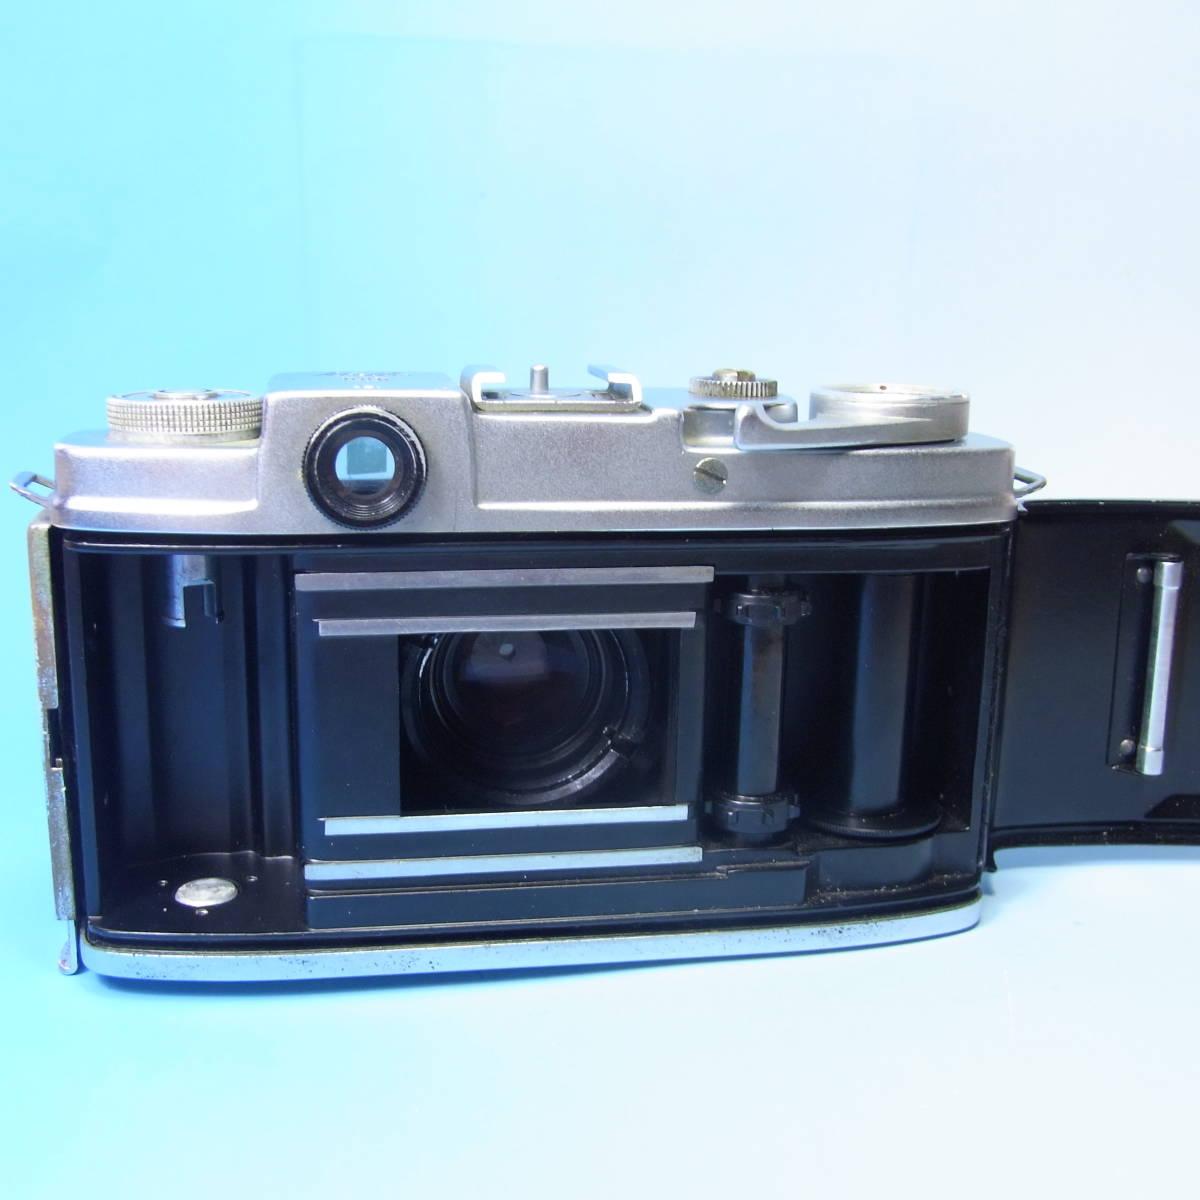 SEIKOSHA - MX 35 ジャンク品です。_画像4